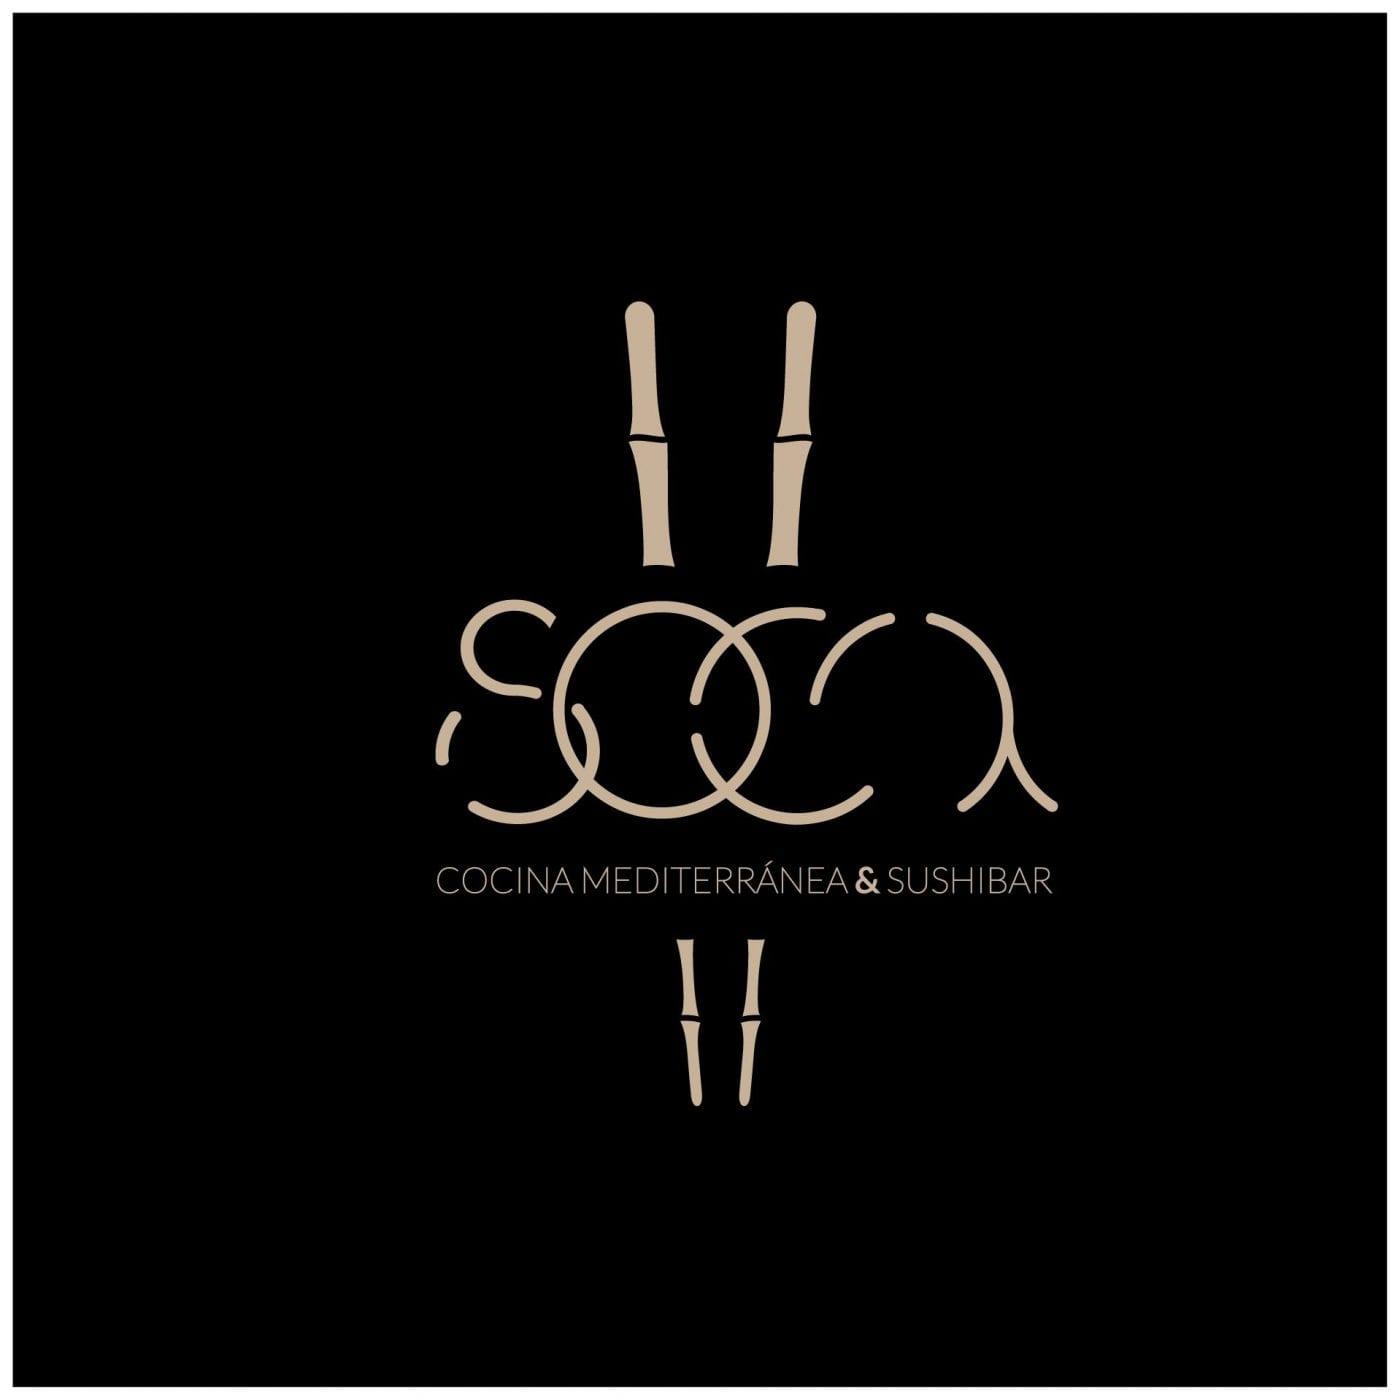 Soca, diseño sobre fondo negro de logotipo elegante